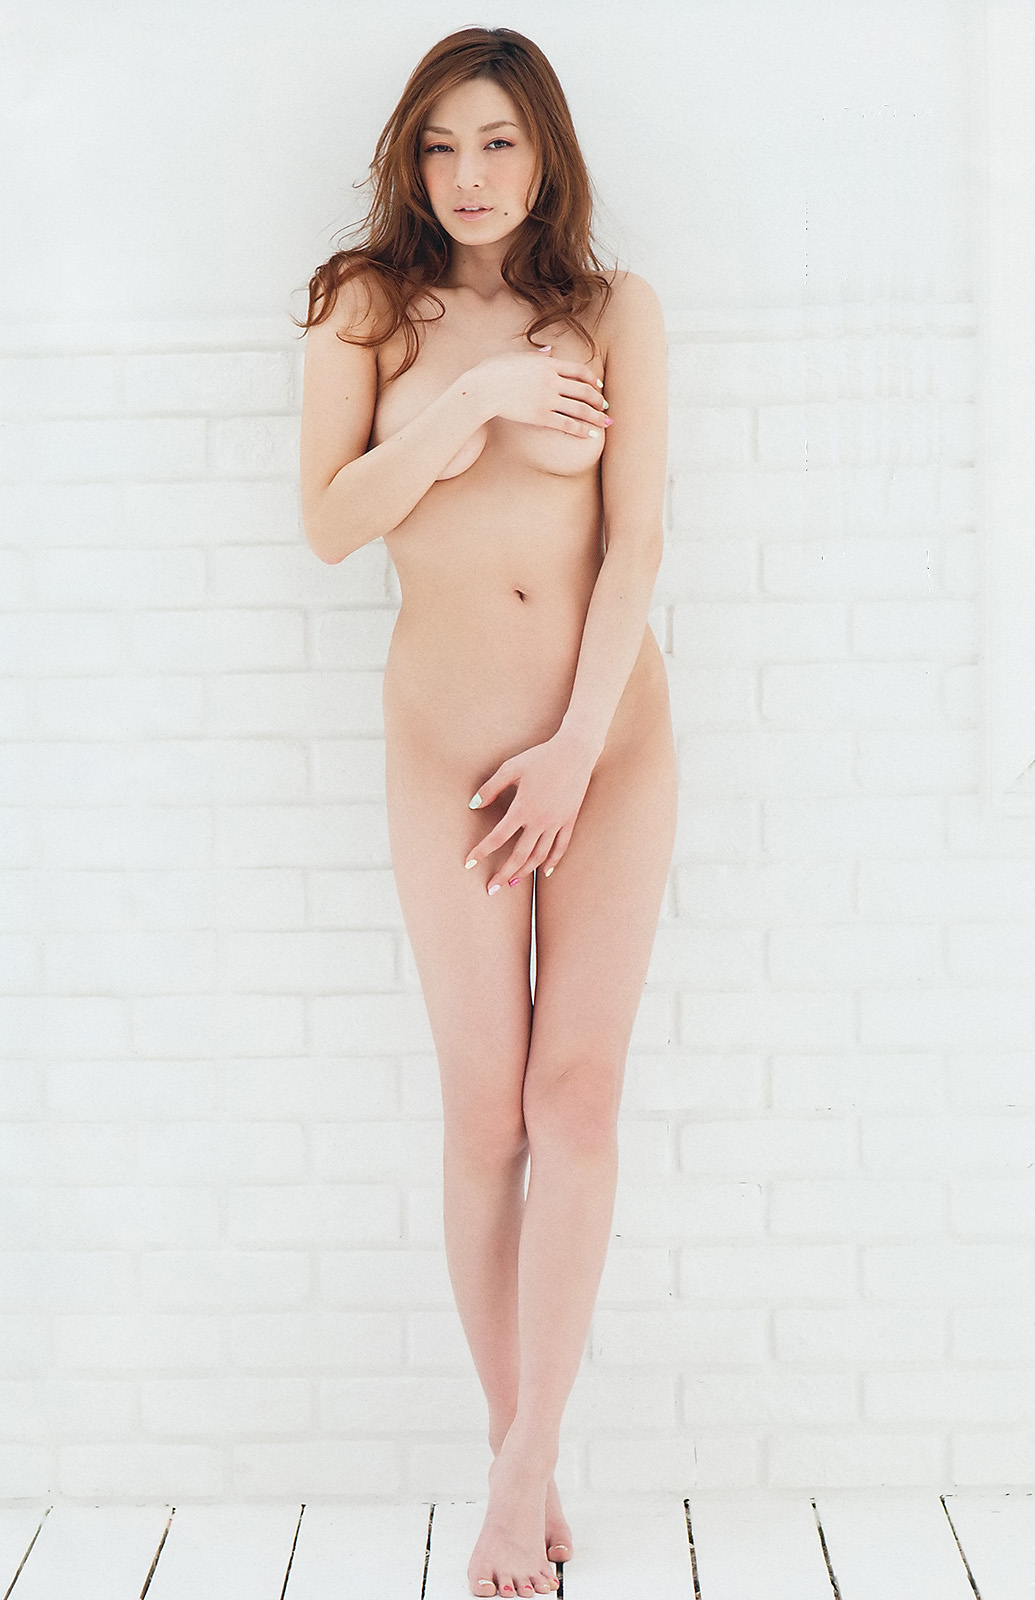 池田夏希83